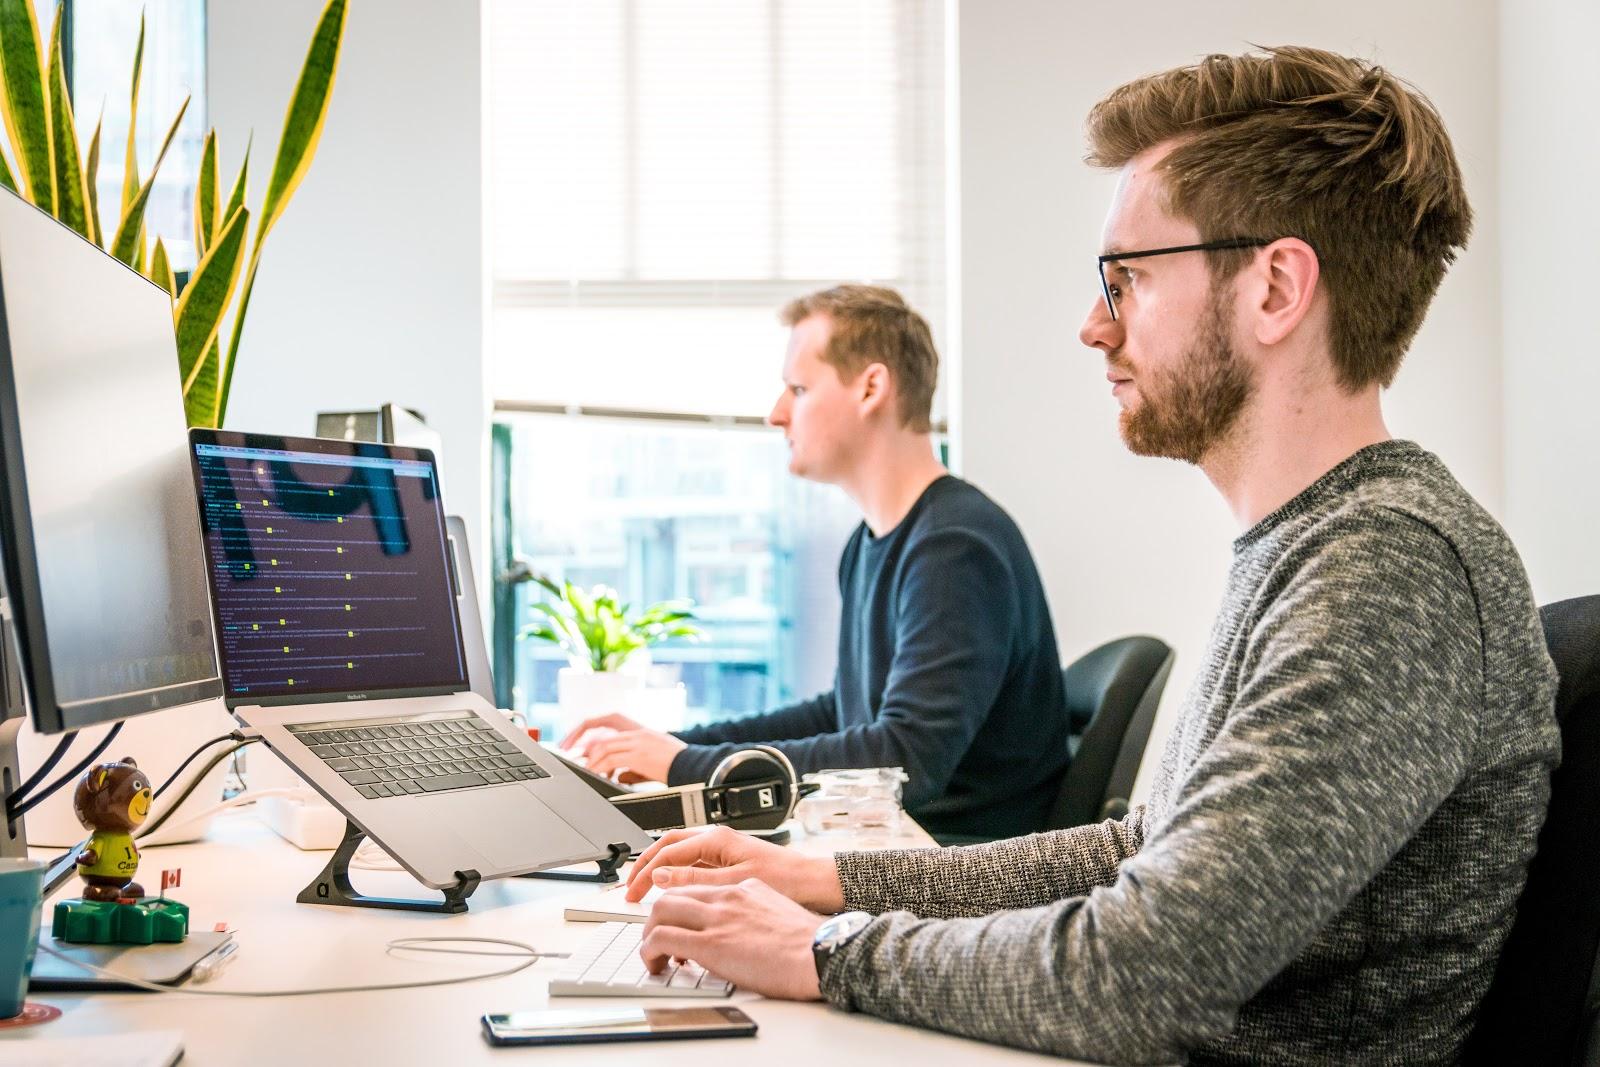 Duas pessoas sentadas digitando em um computador.